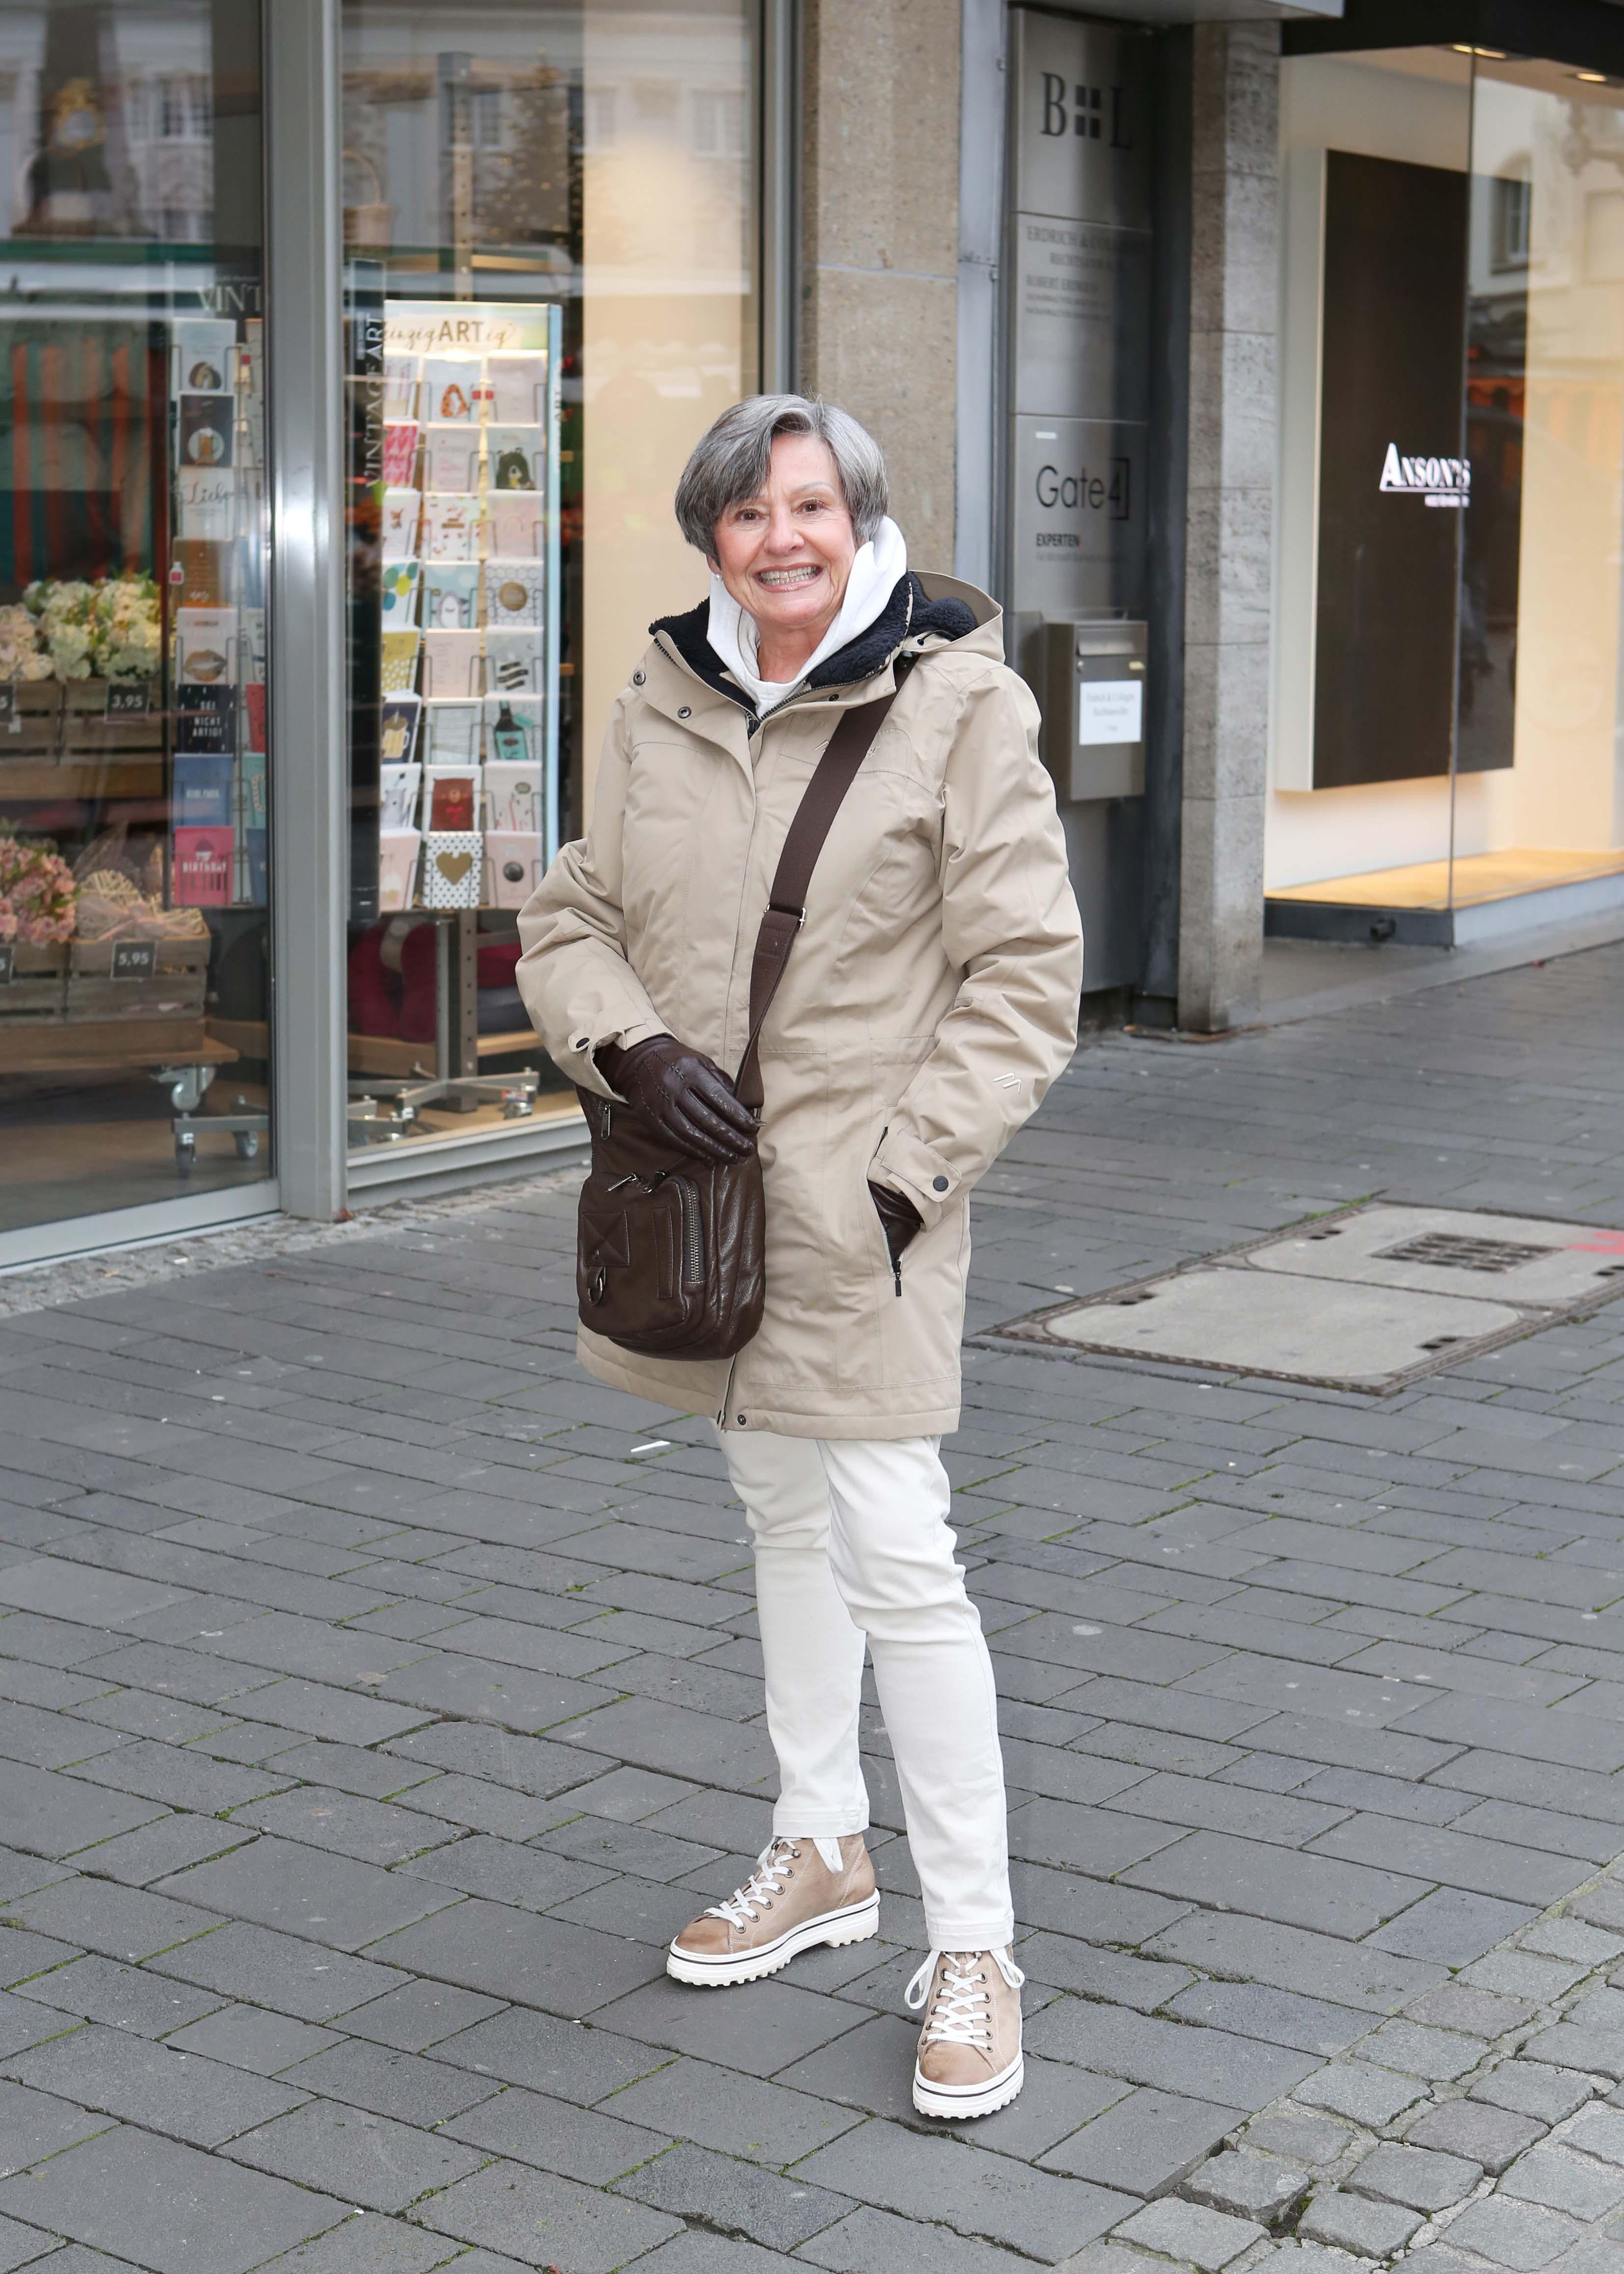 hbvpic-7e4jp461h3m1geiojitg 01-21 CL Bonn Hildegard Nierhaus, 71 07